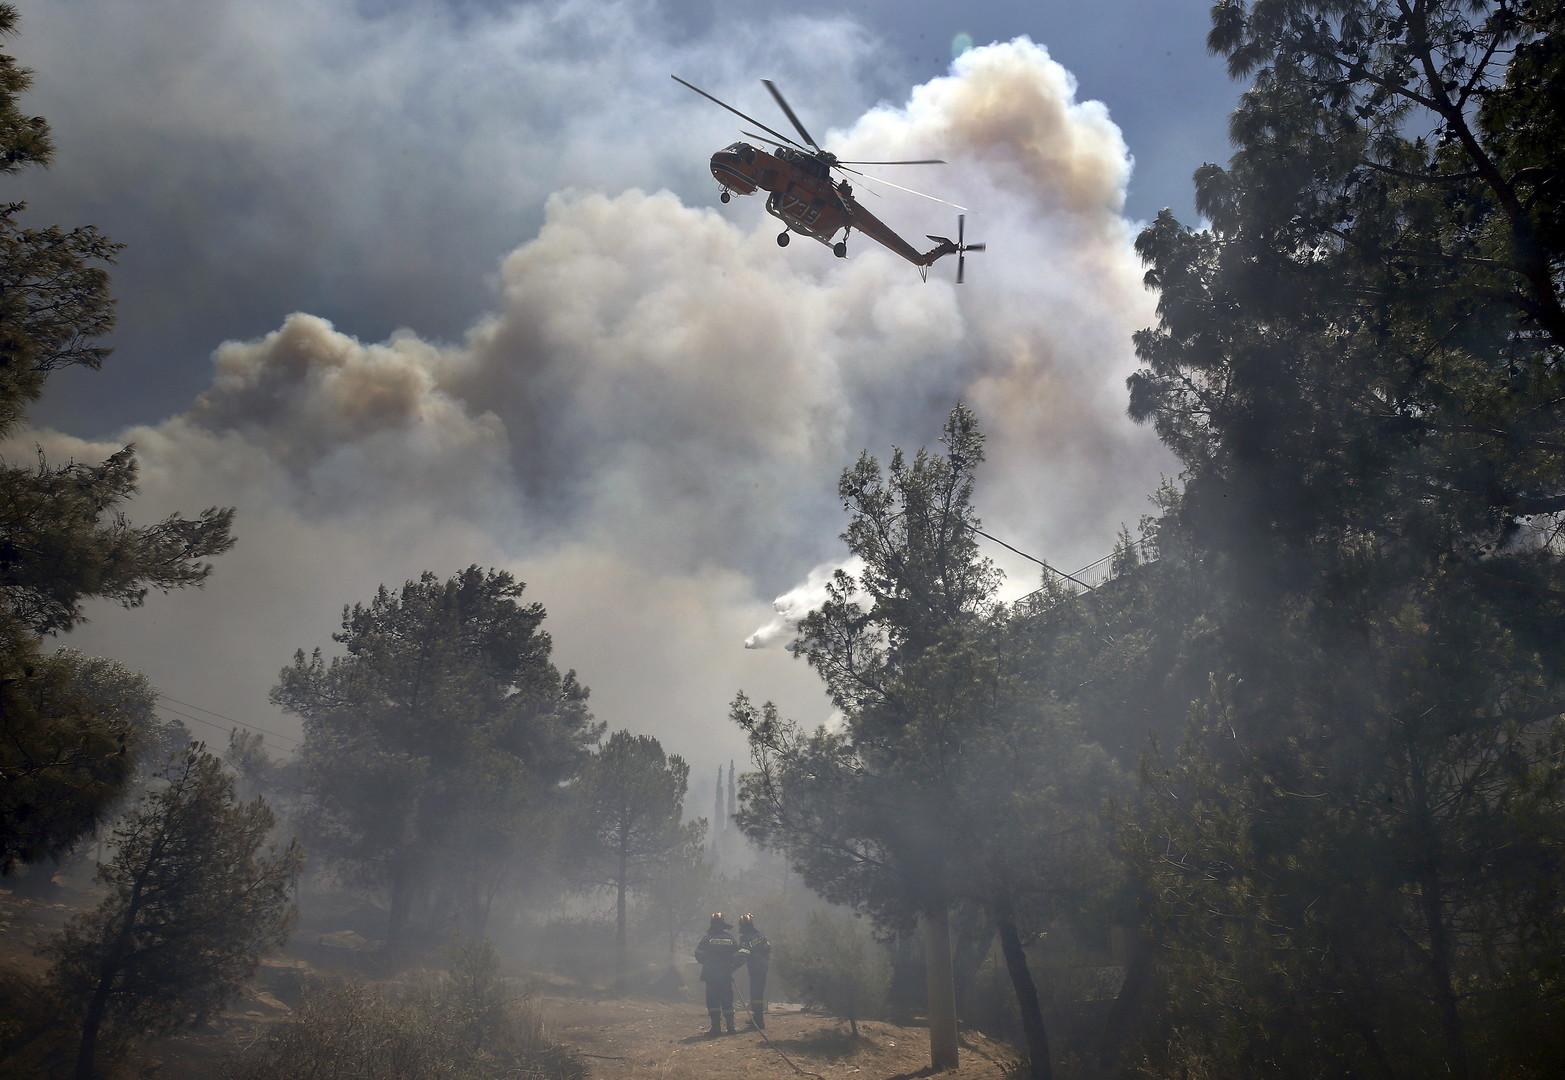 حرائق جهنمية تلتهم غابات ثاني أكبر جزيرة في اليونان